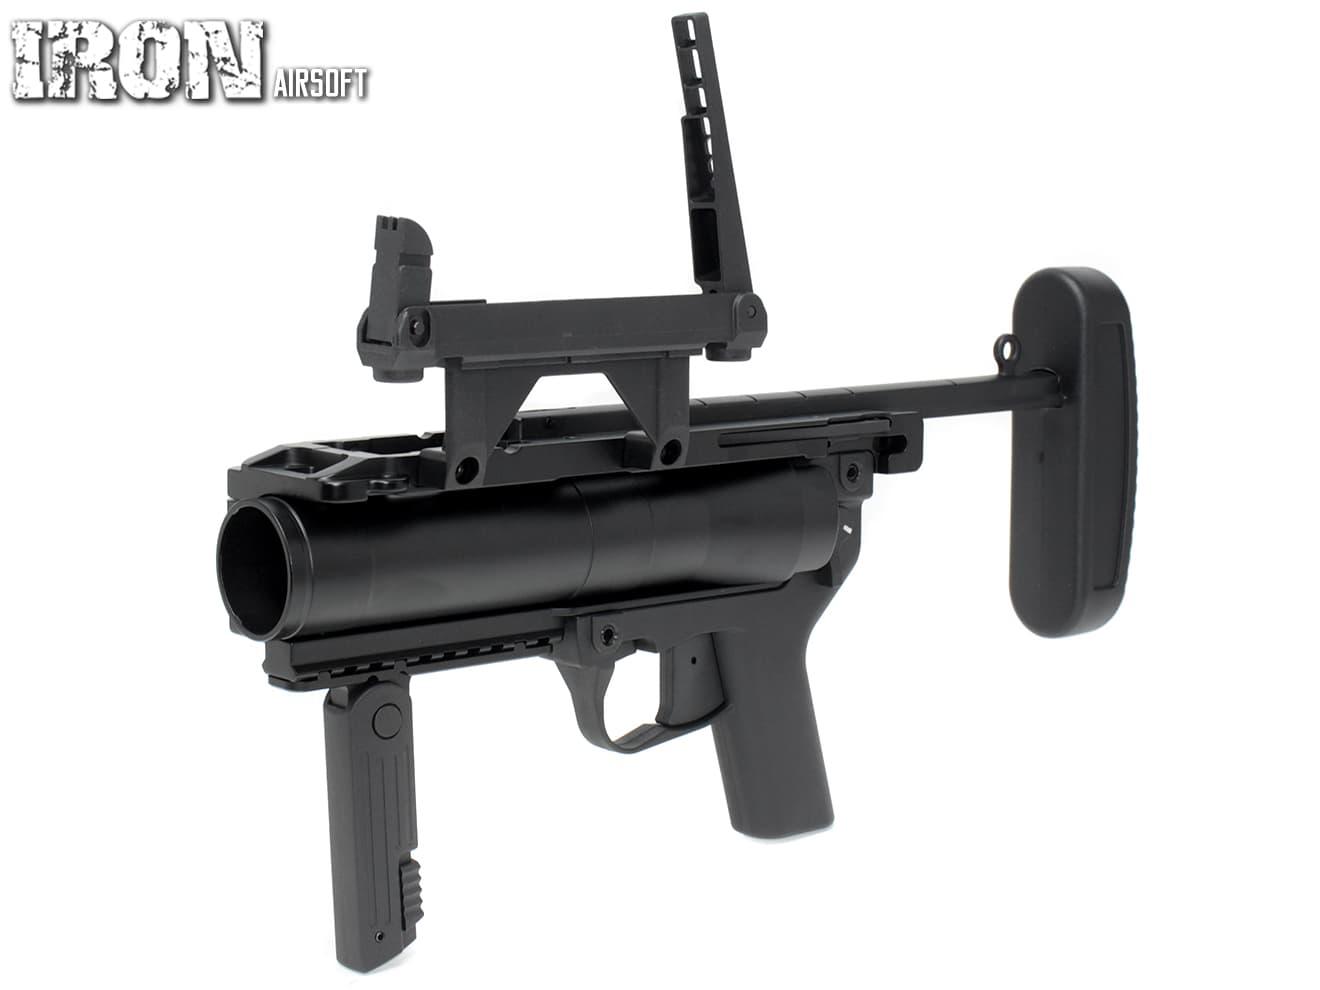 IRON AIRSOFT M320 グレネードランチャー(ダイキャスト)◆20mmレール対応 HK416/417にアドオンランチャーとして使用可 40mmモスカート用